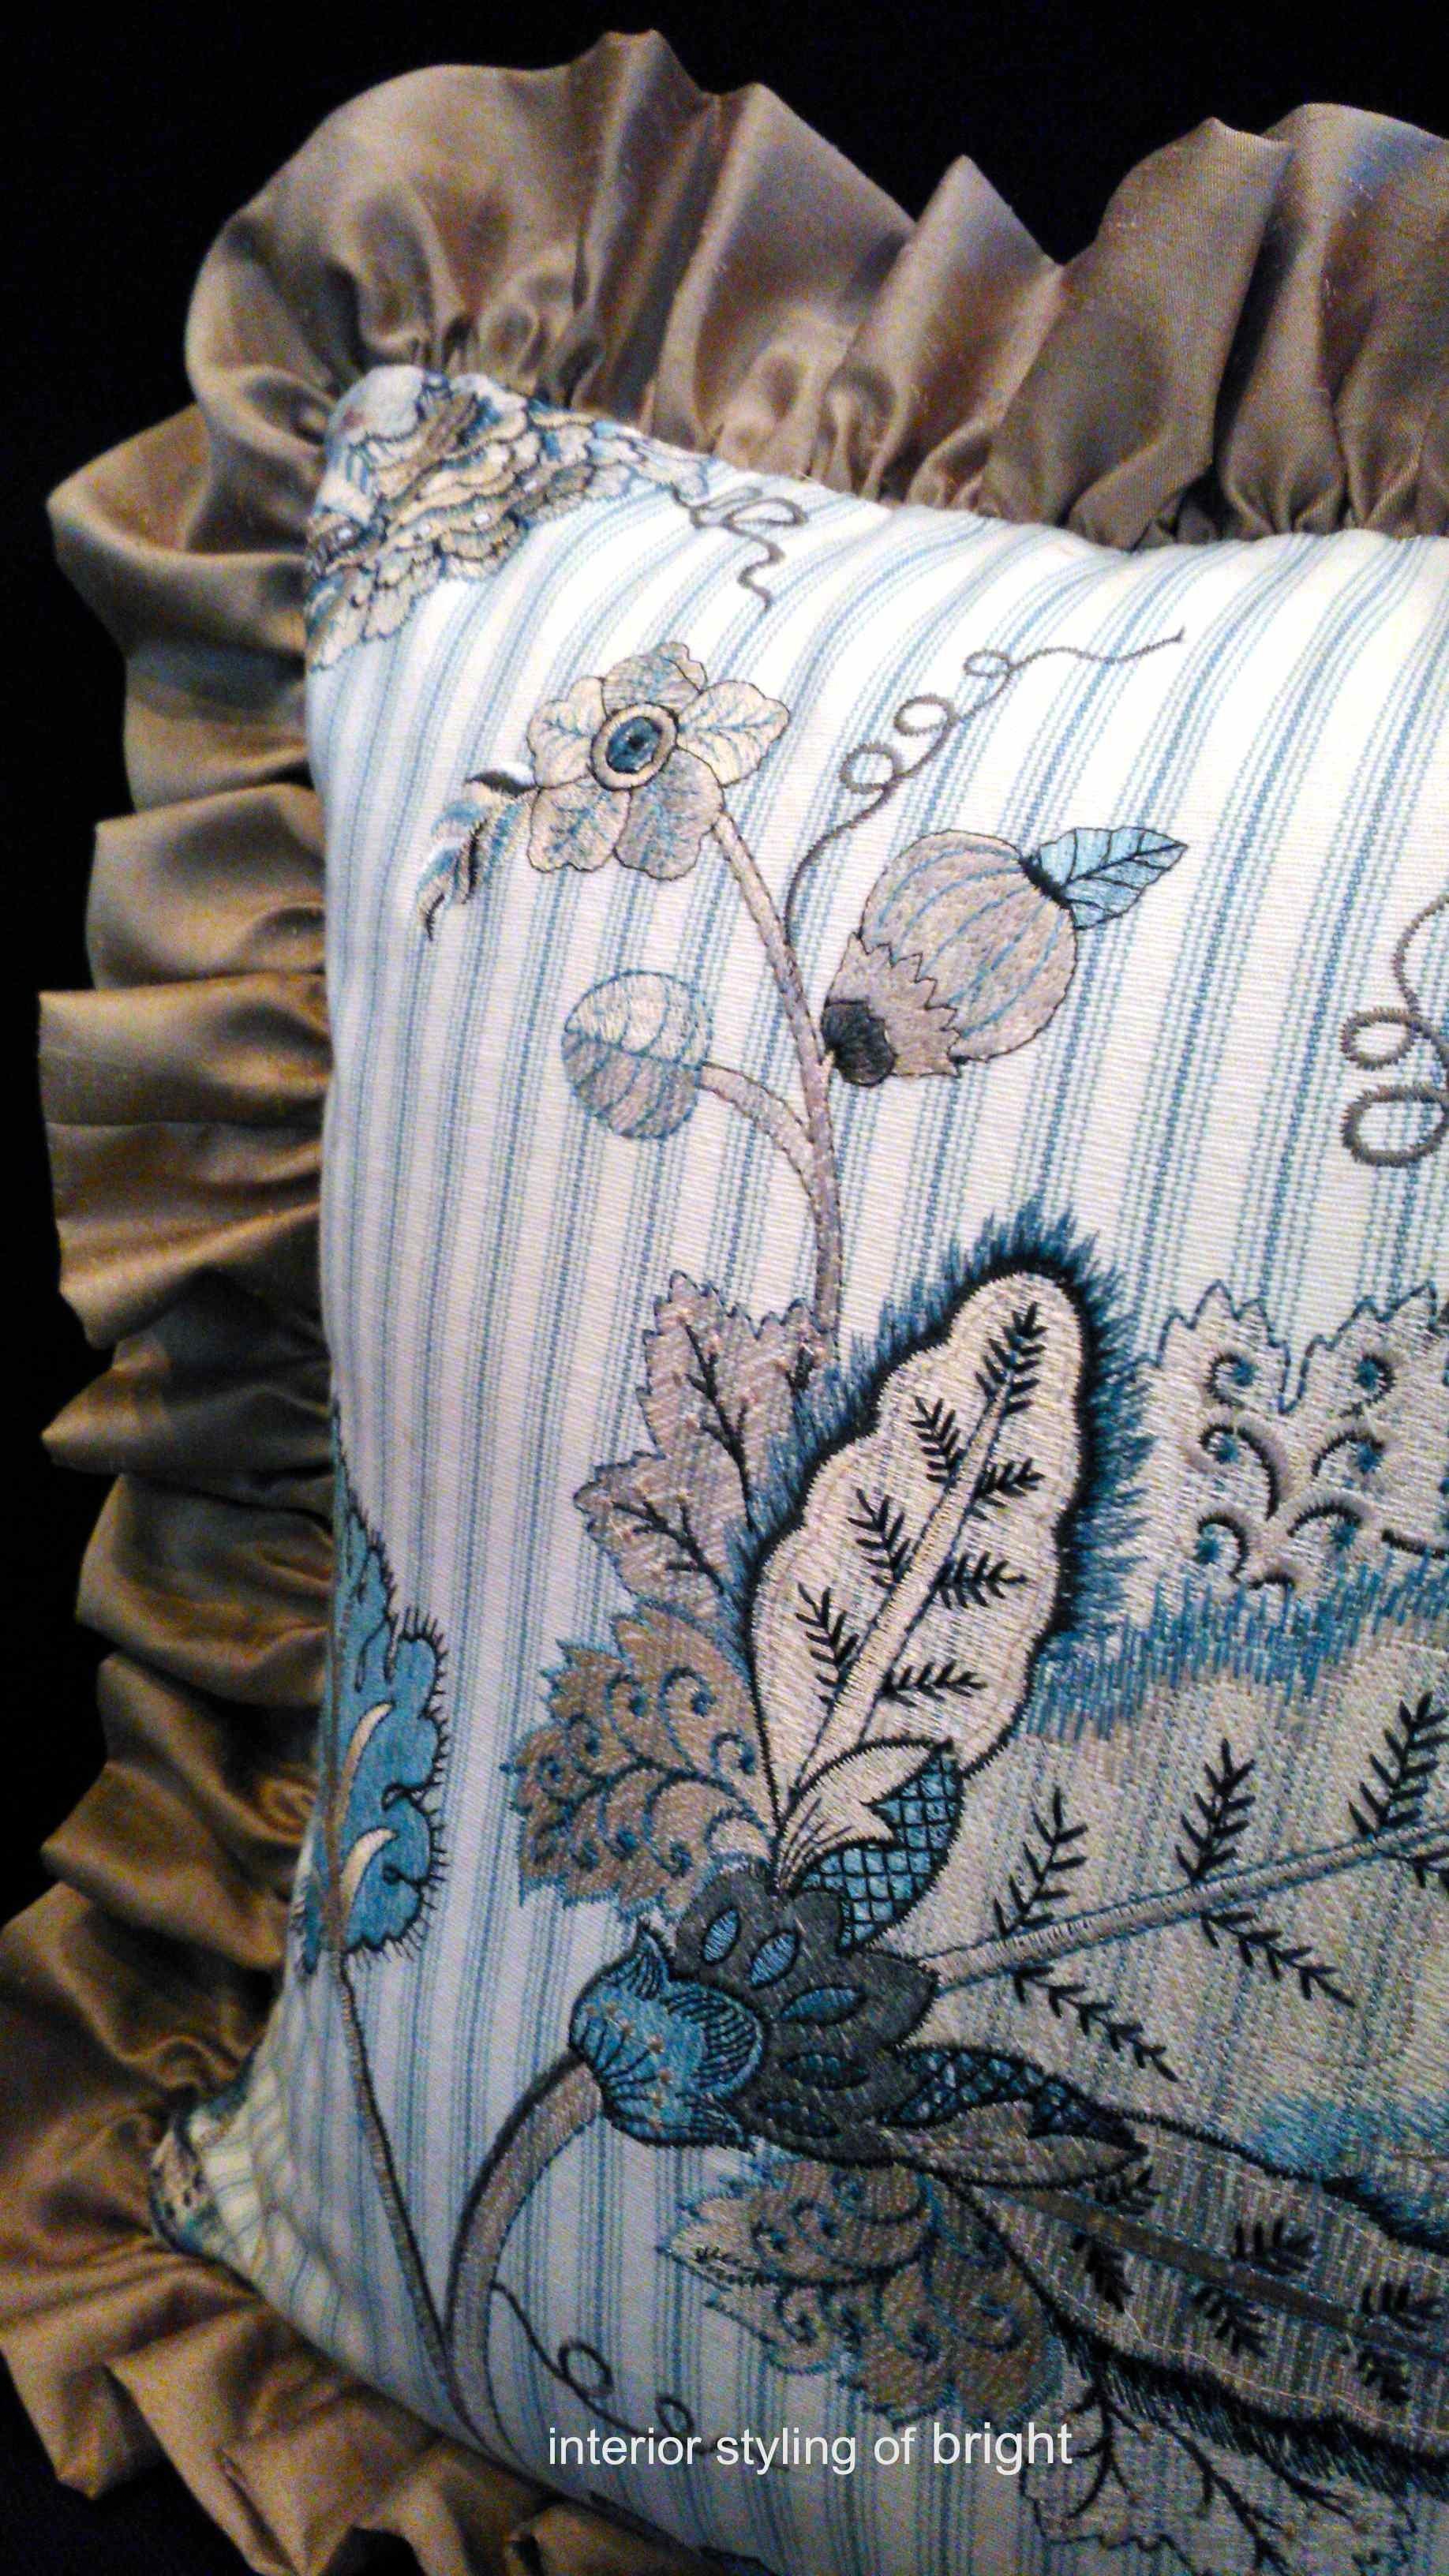 『マニュエルカノヴァス』 フリルクッション ウィリアムモリス正規販売店のブライト_c0157866_18150390.jpg